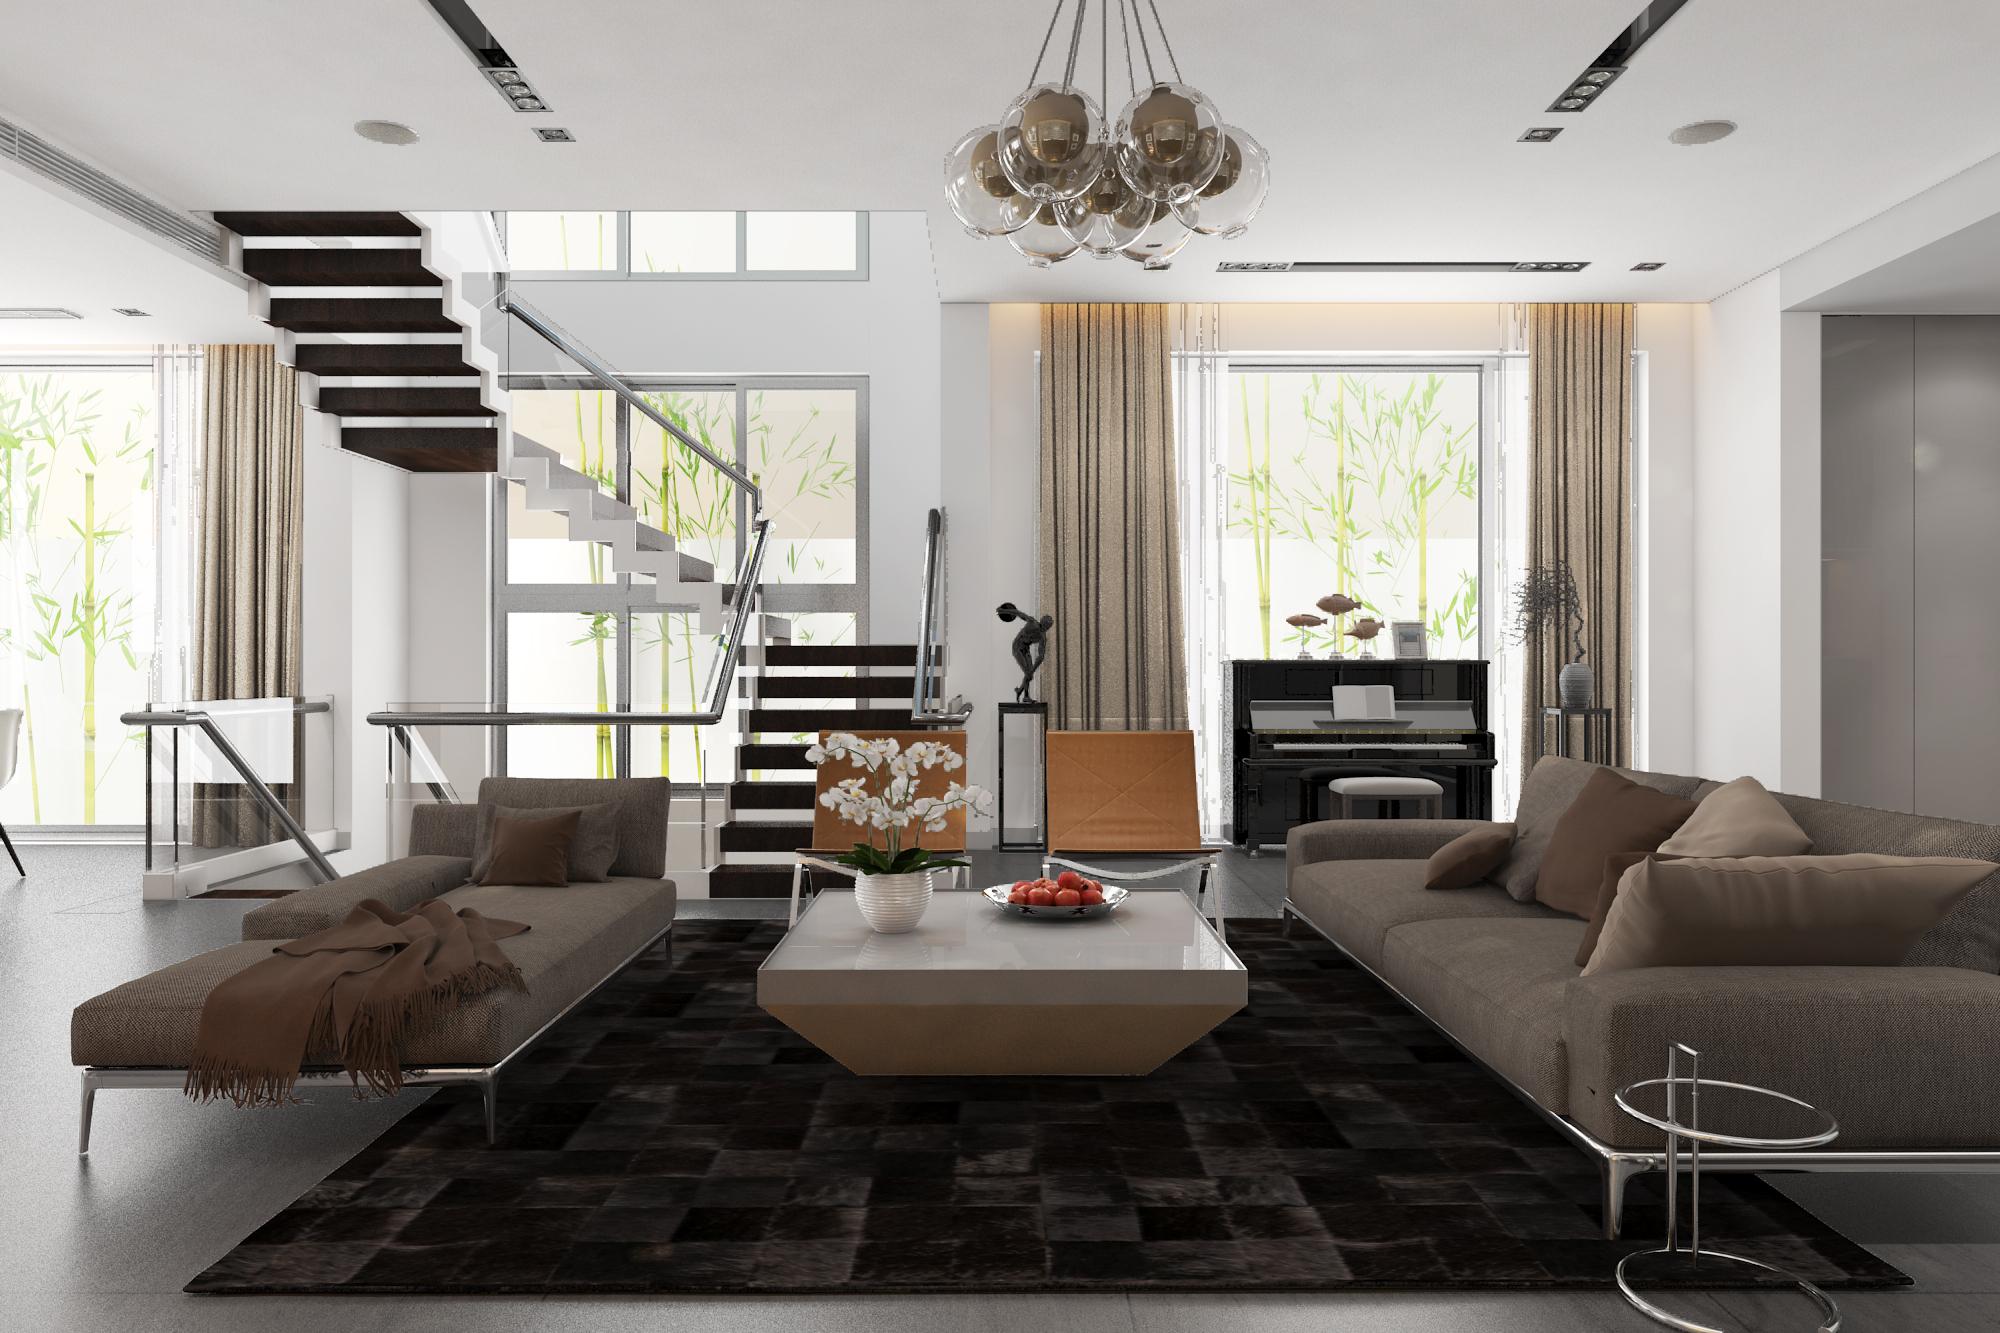 thiết kế nội thất Biệt Thự tại Hà Nội bt Vinhomes - riverside 11 1568085334